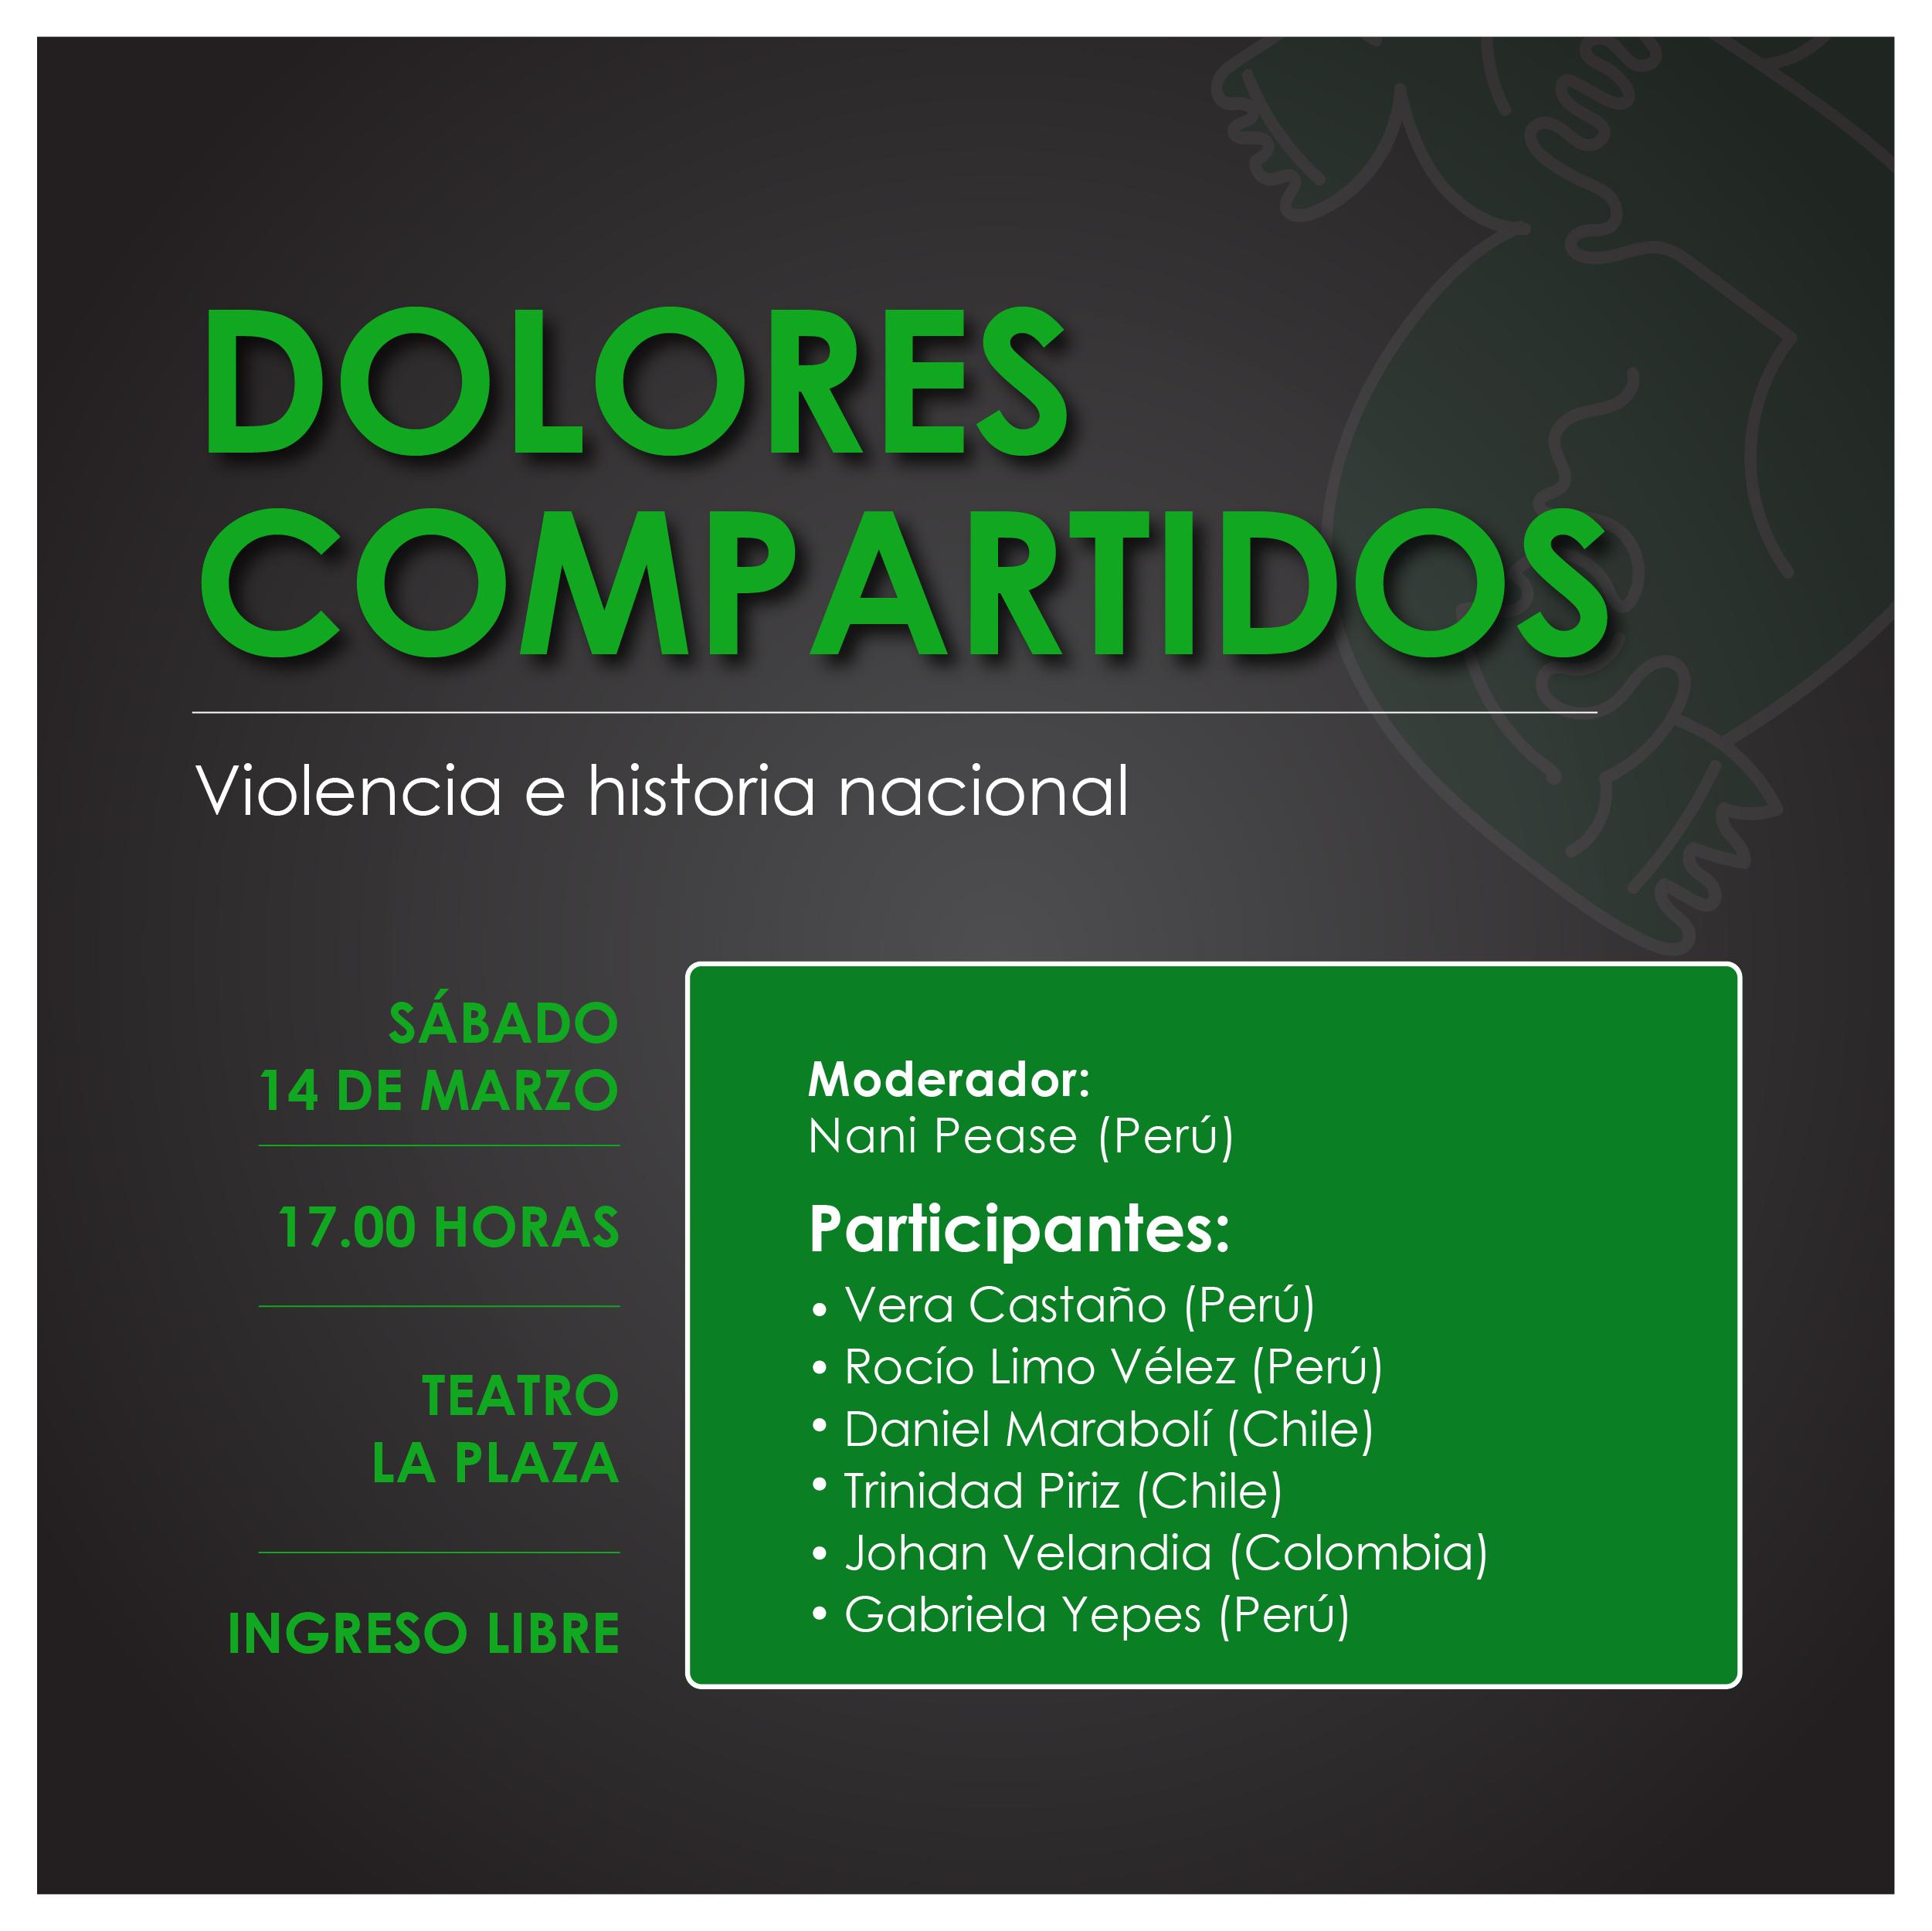 Mesas de dialogo [Recovered]-04